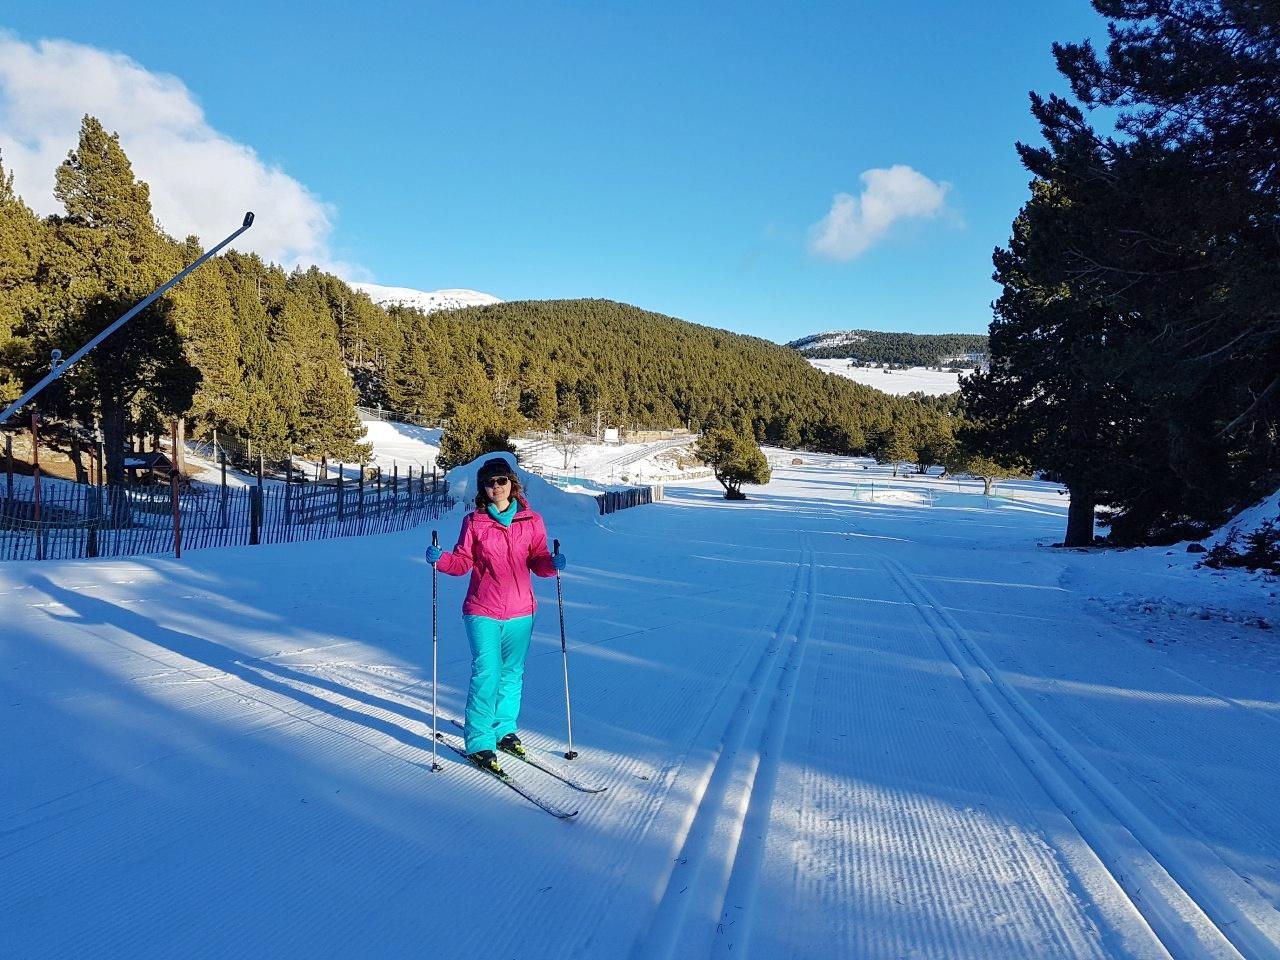 Esqui no Naturlandia, em Andorra.